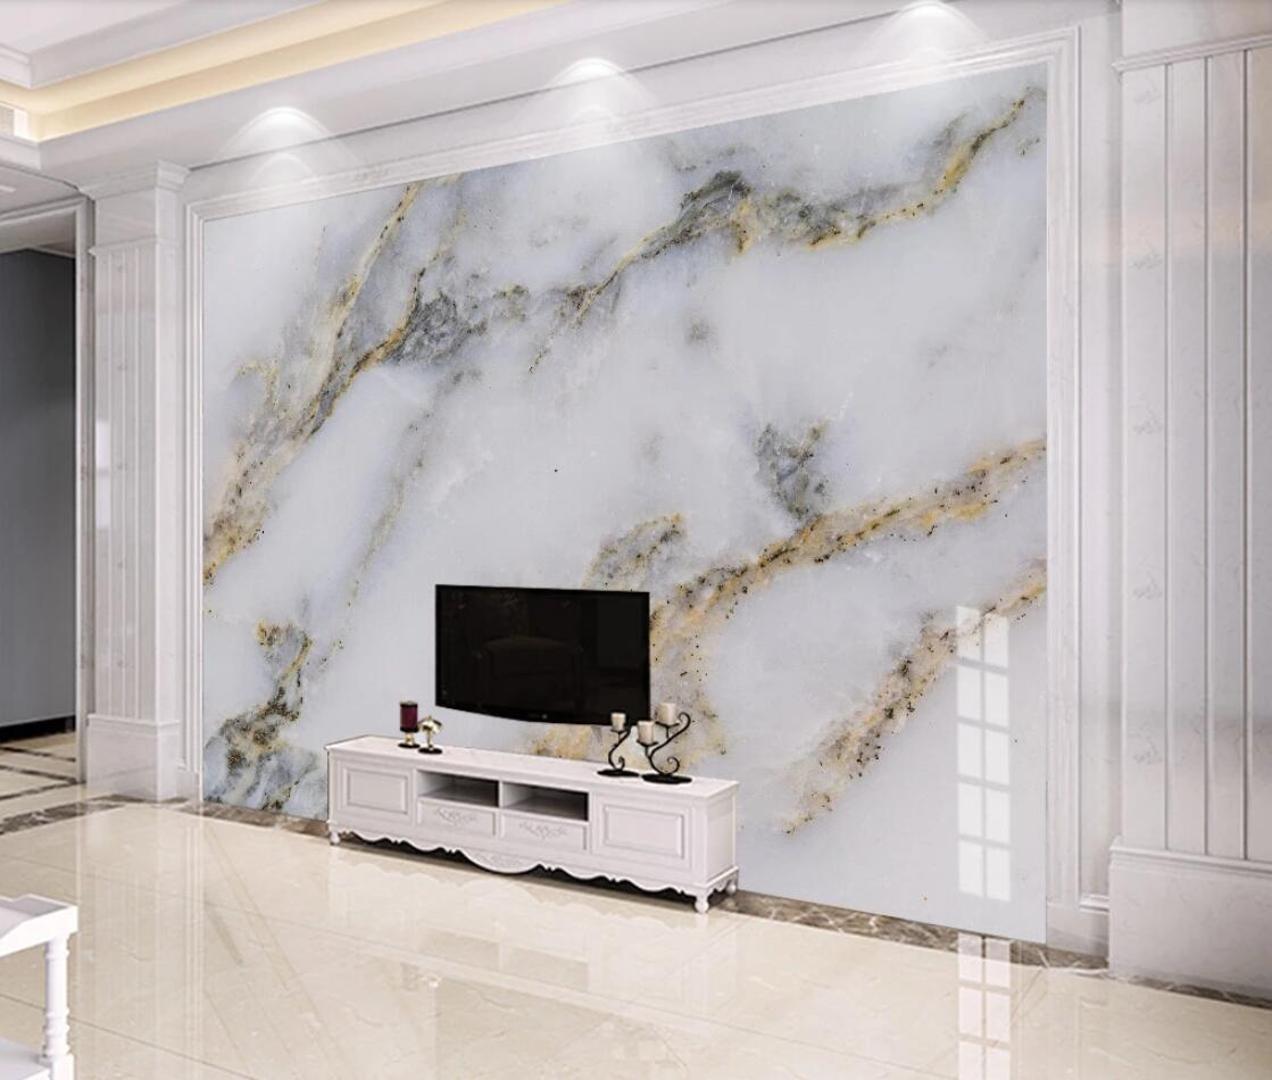 Papier Peint Entree Moderne moderne papier peint en marbre blanc 3d murale pour tv fond mur décor or de  murales de luxe photo papier imprimé pour chambre